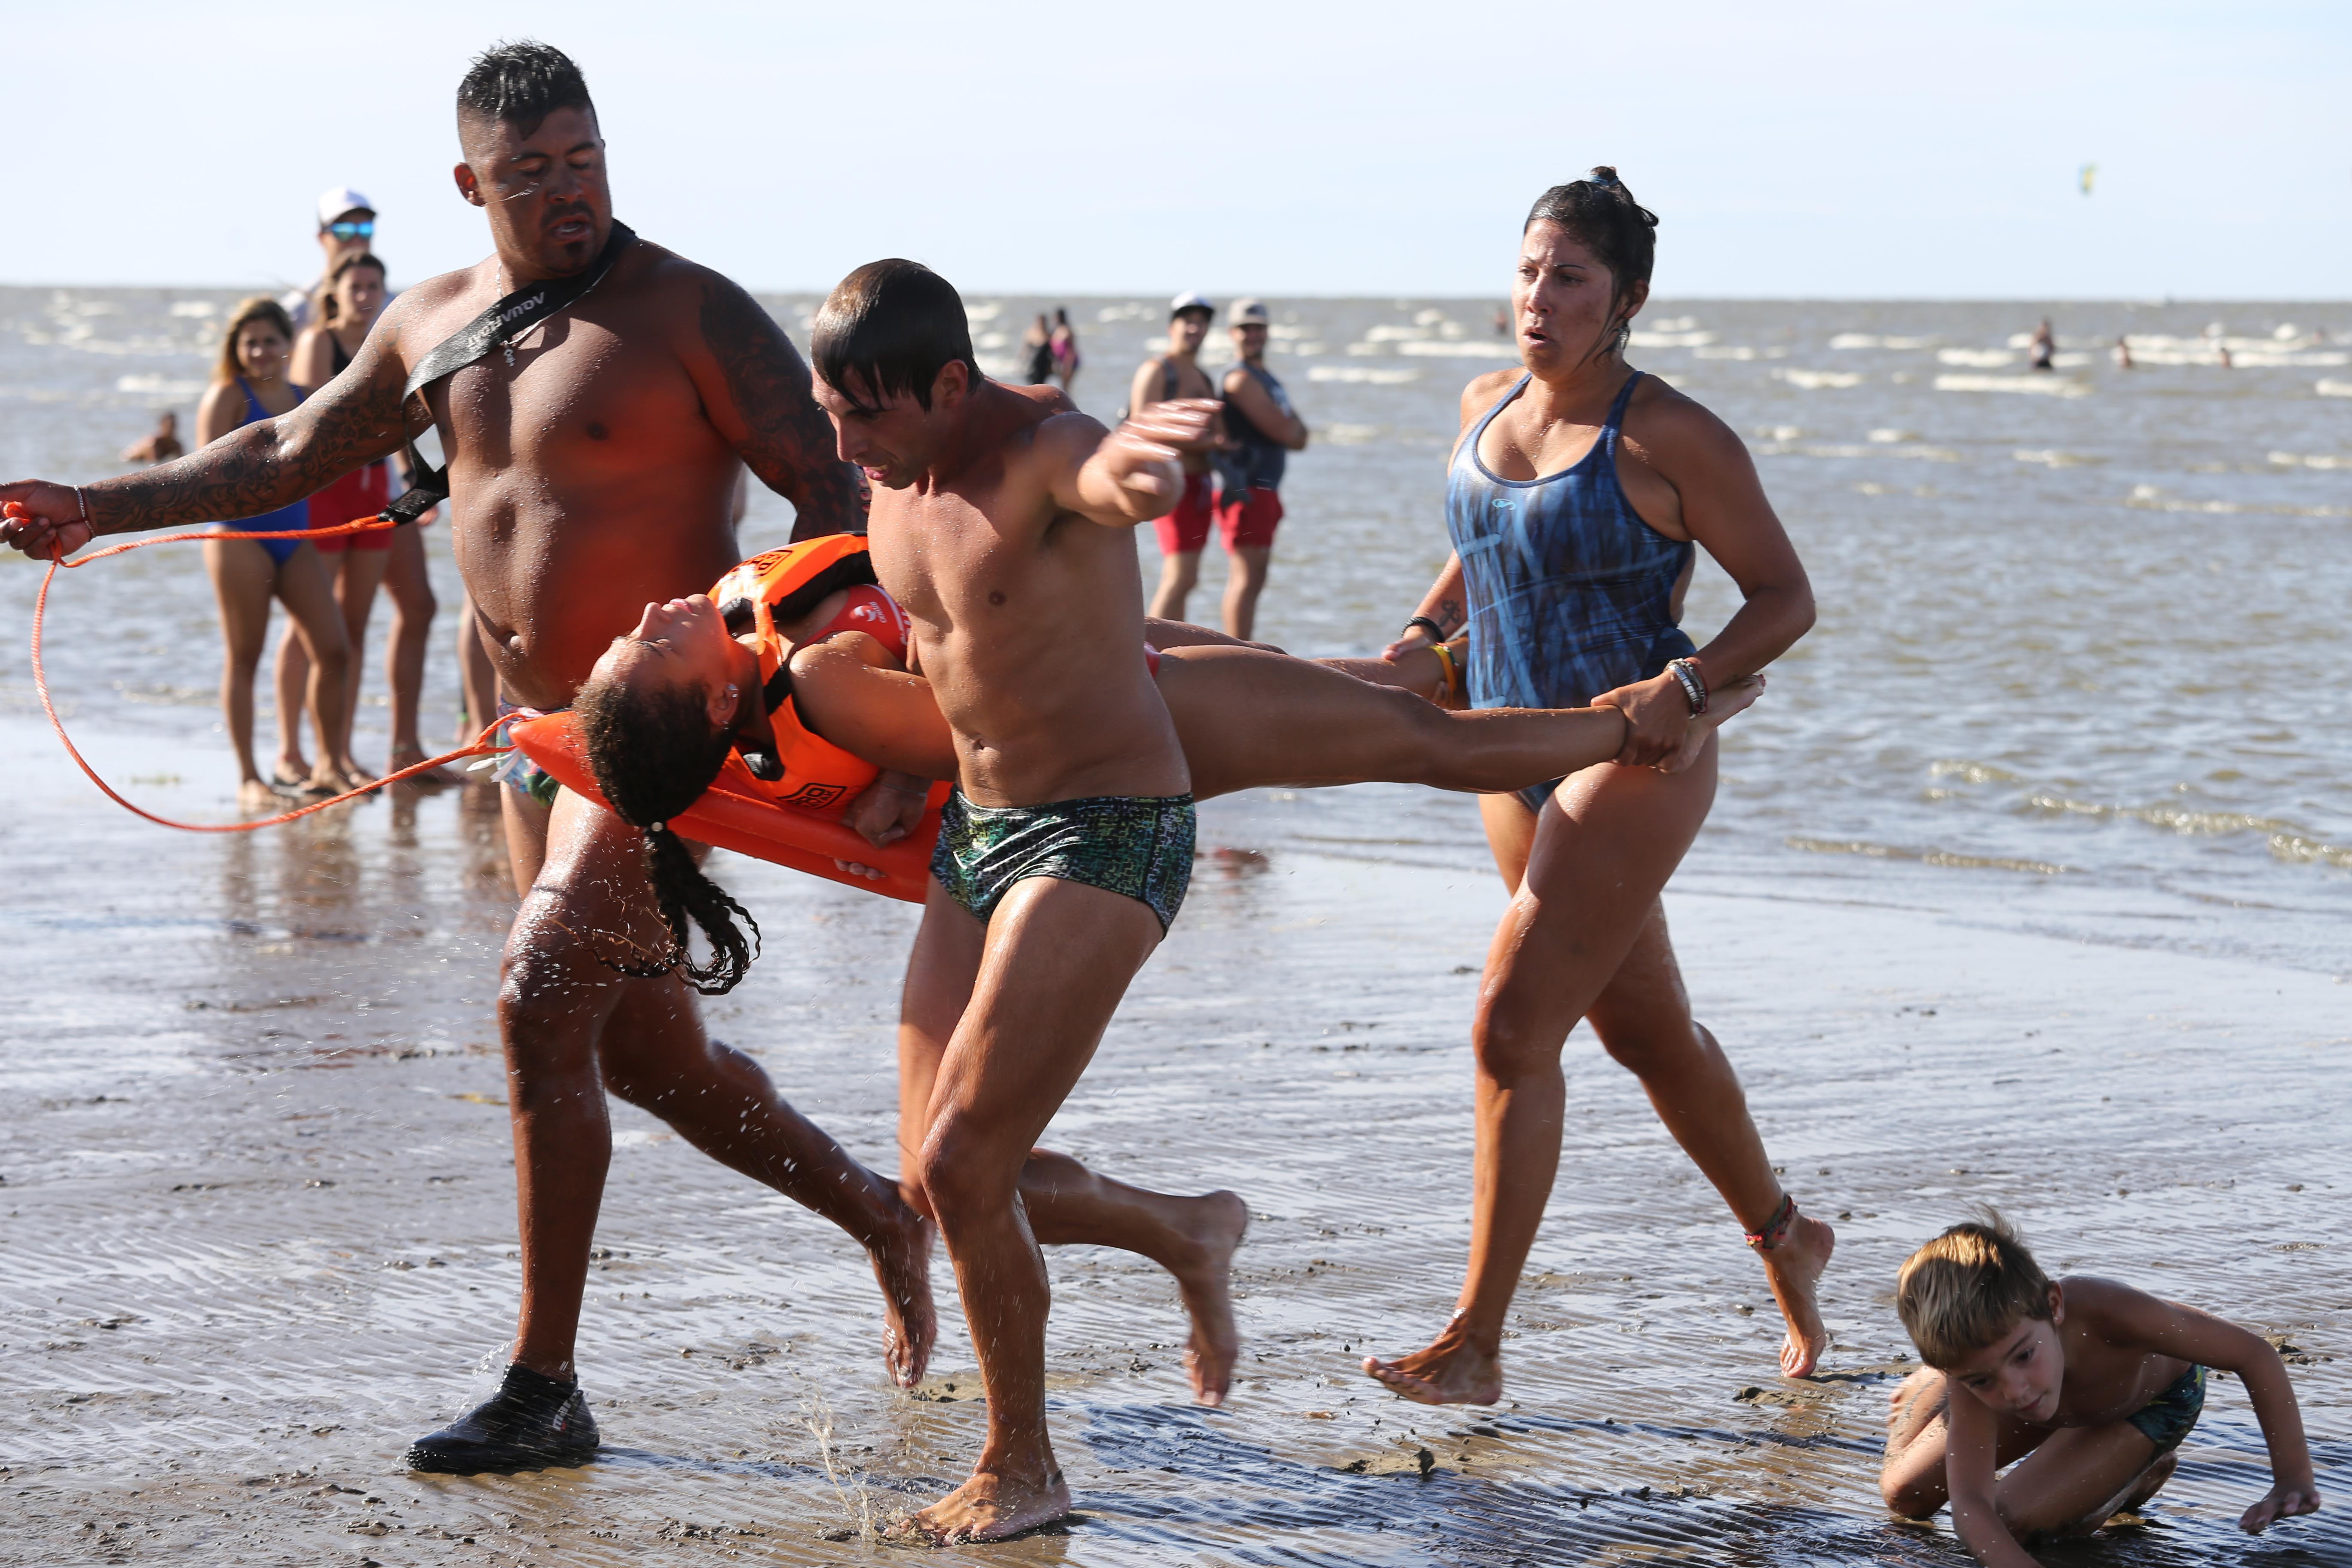 Con una gran participación de rescatistas de distintos distritos, se desarrolló una nueva Competencia de Rescate en la playa del Mirador Néstor Kirchner de Punta Lara.